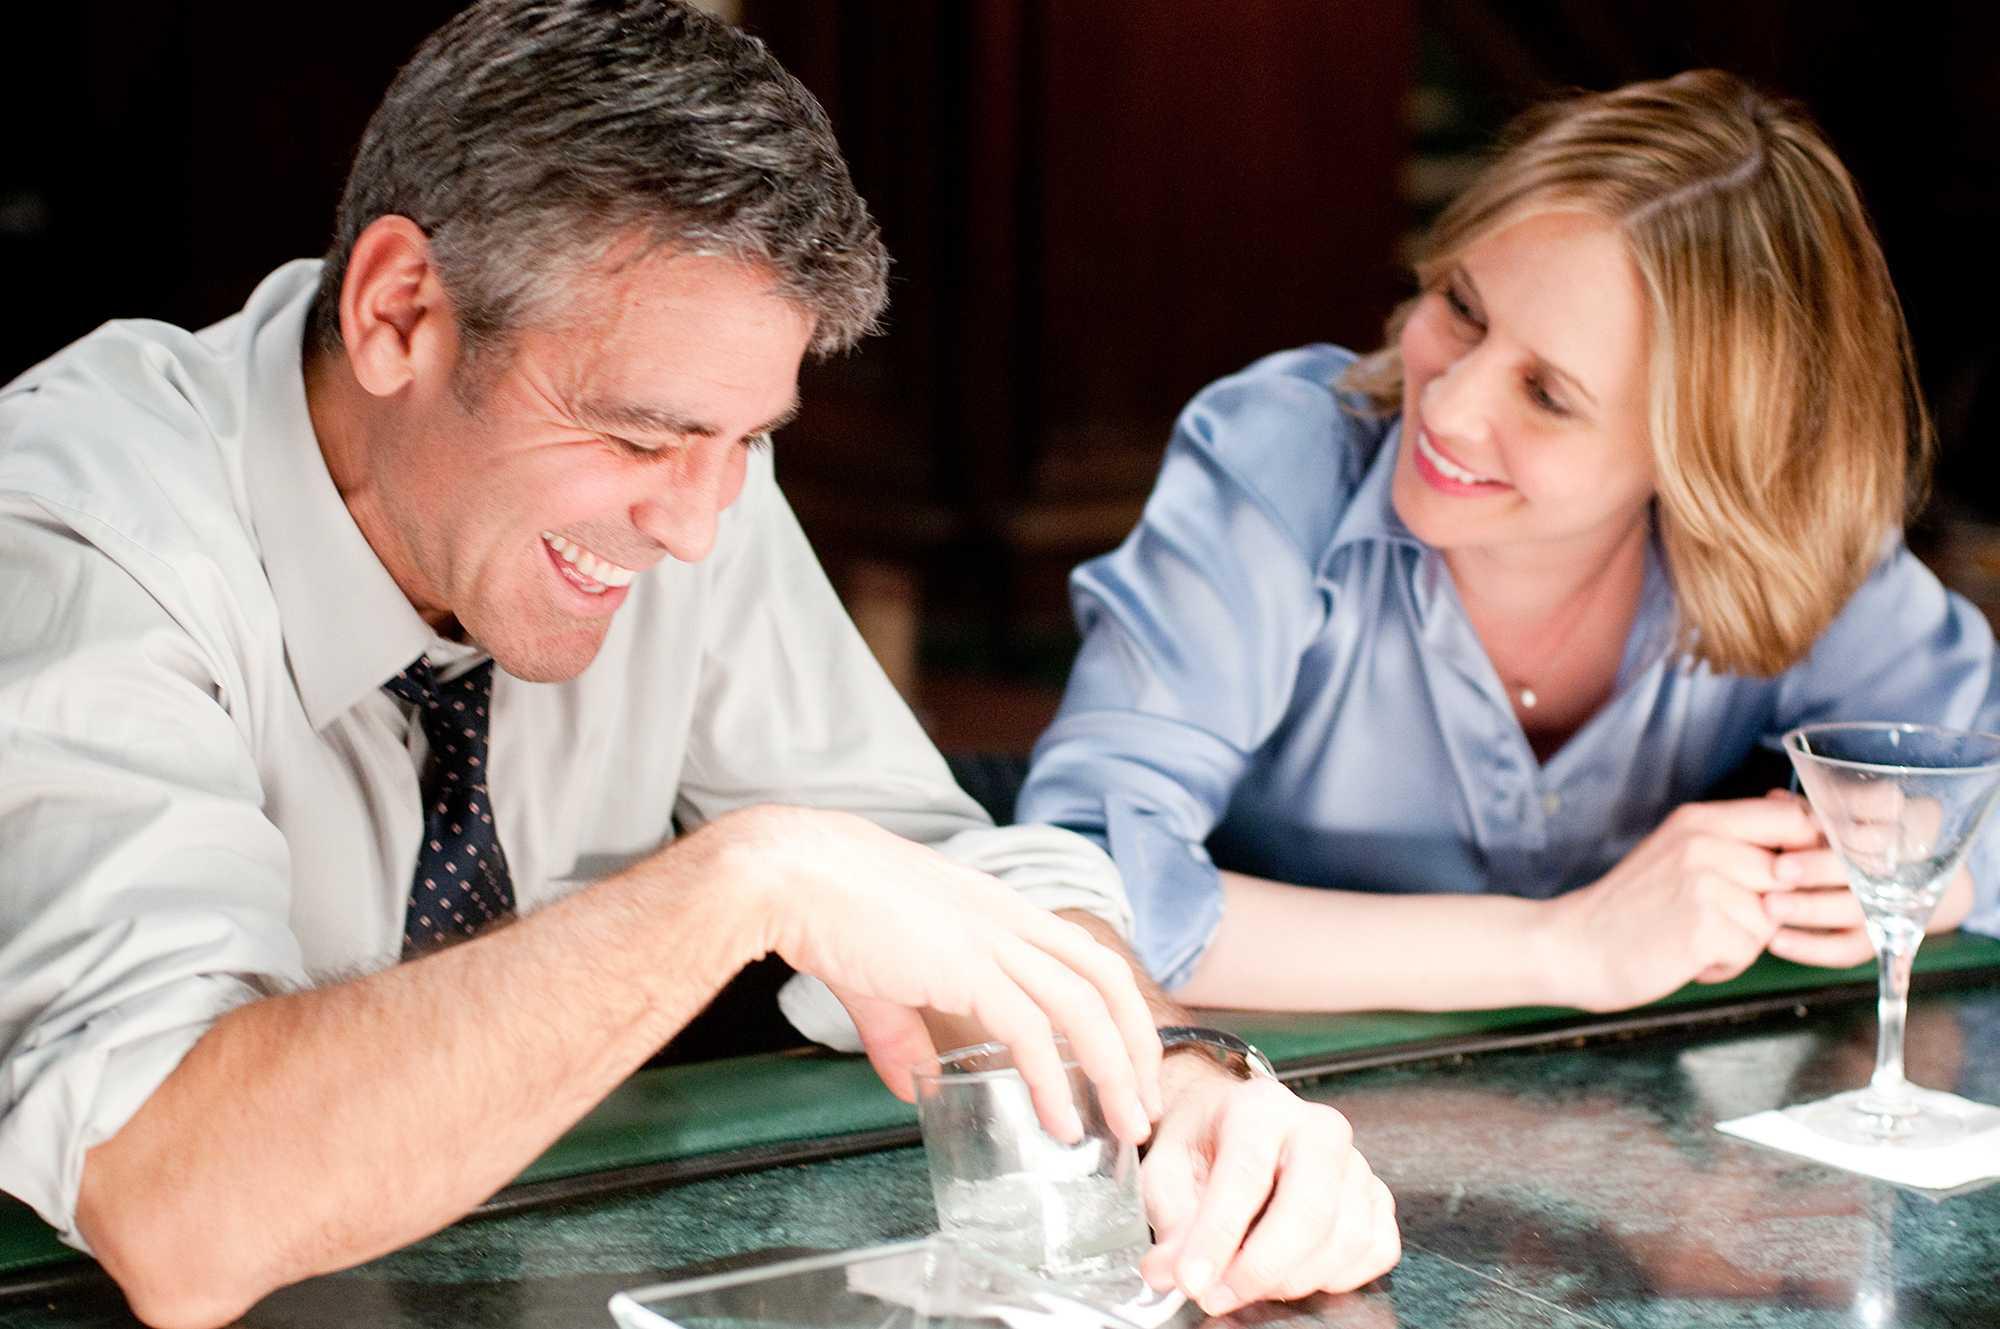 Fidélité : comment savoir si votre homme vous est fidèle ?